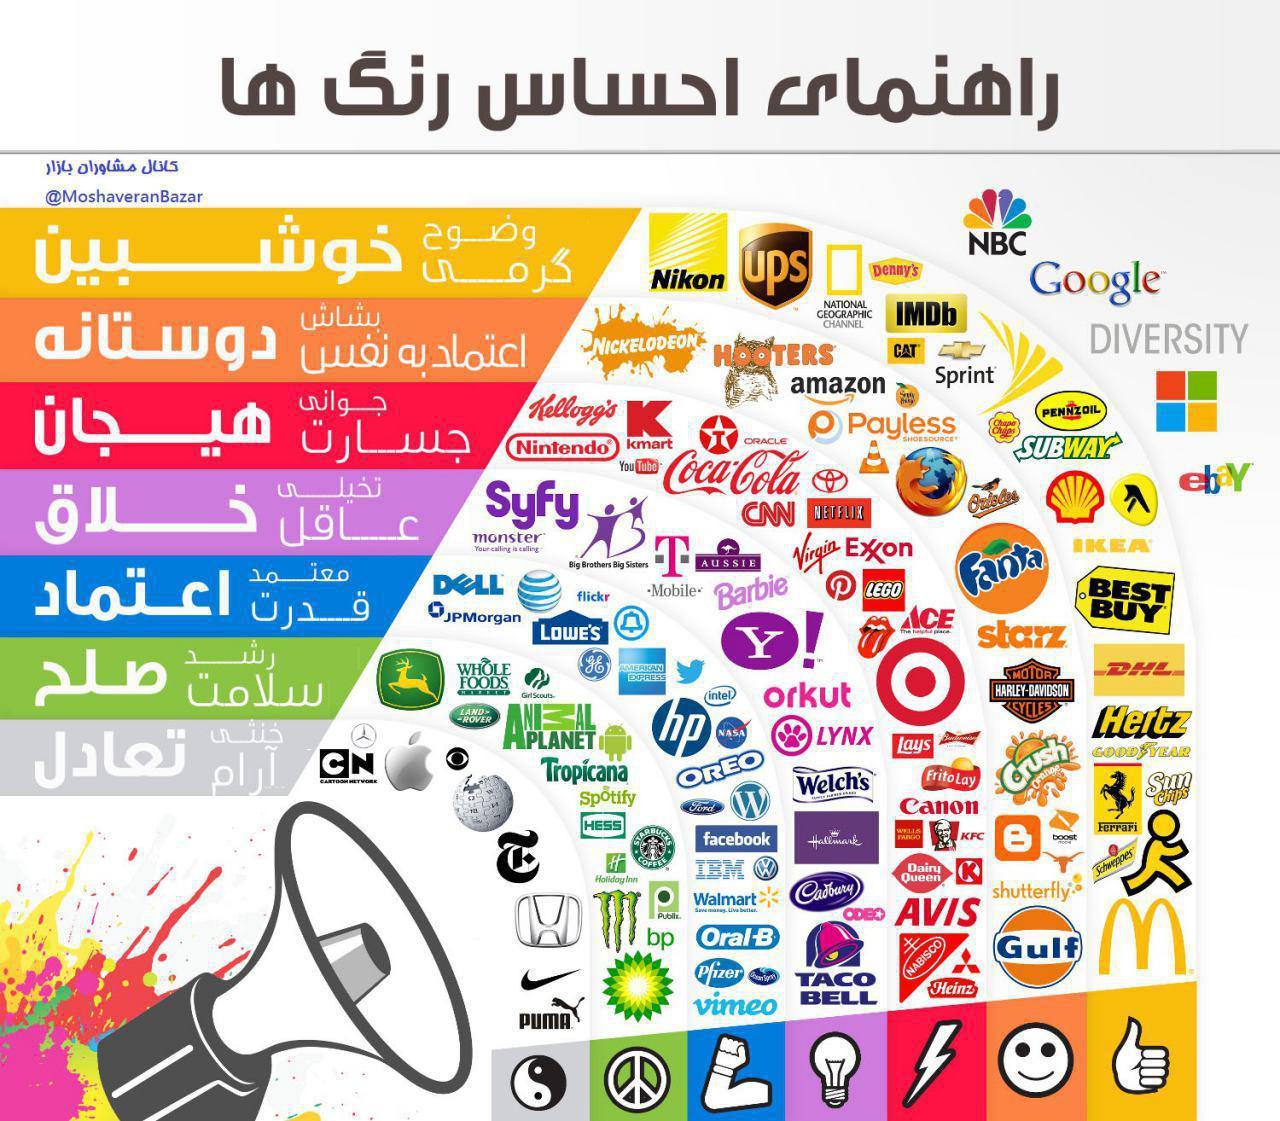 راهنمای حساس رنگ ها در لوگو های شرکت های معتبر